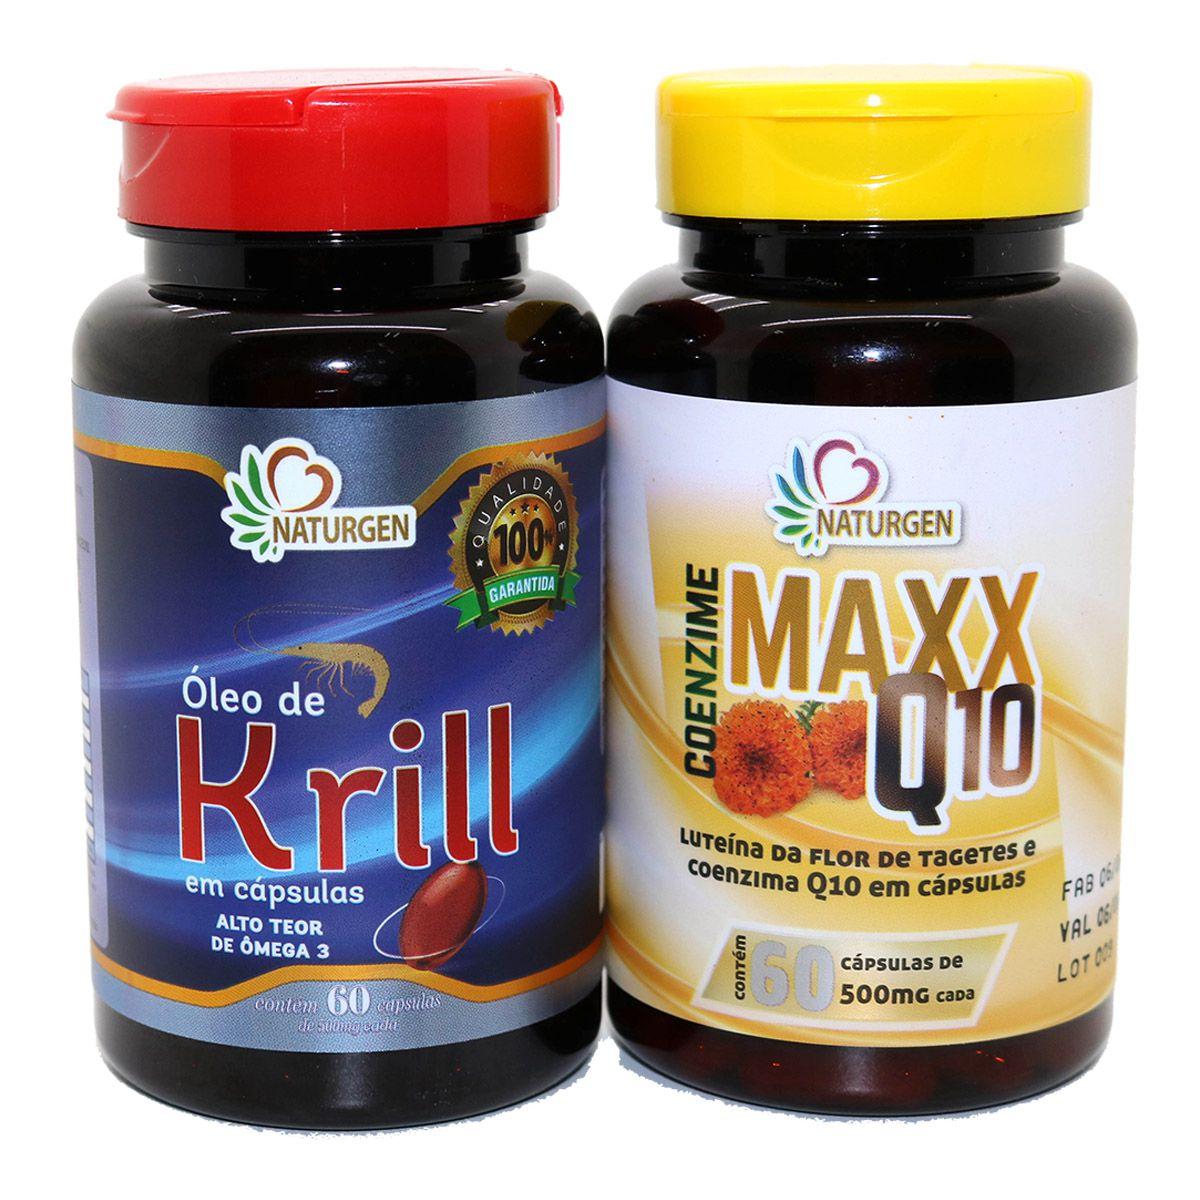 Oleo De Krill + Coenzima Q10 Luteina Zeaxantina 60 capsulas